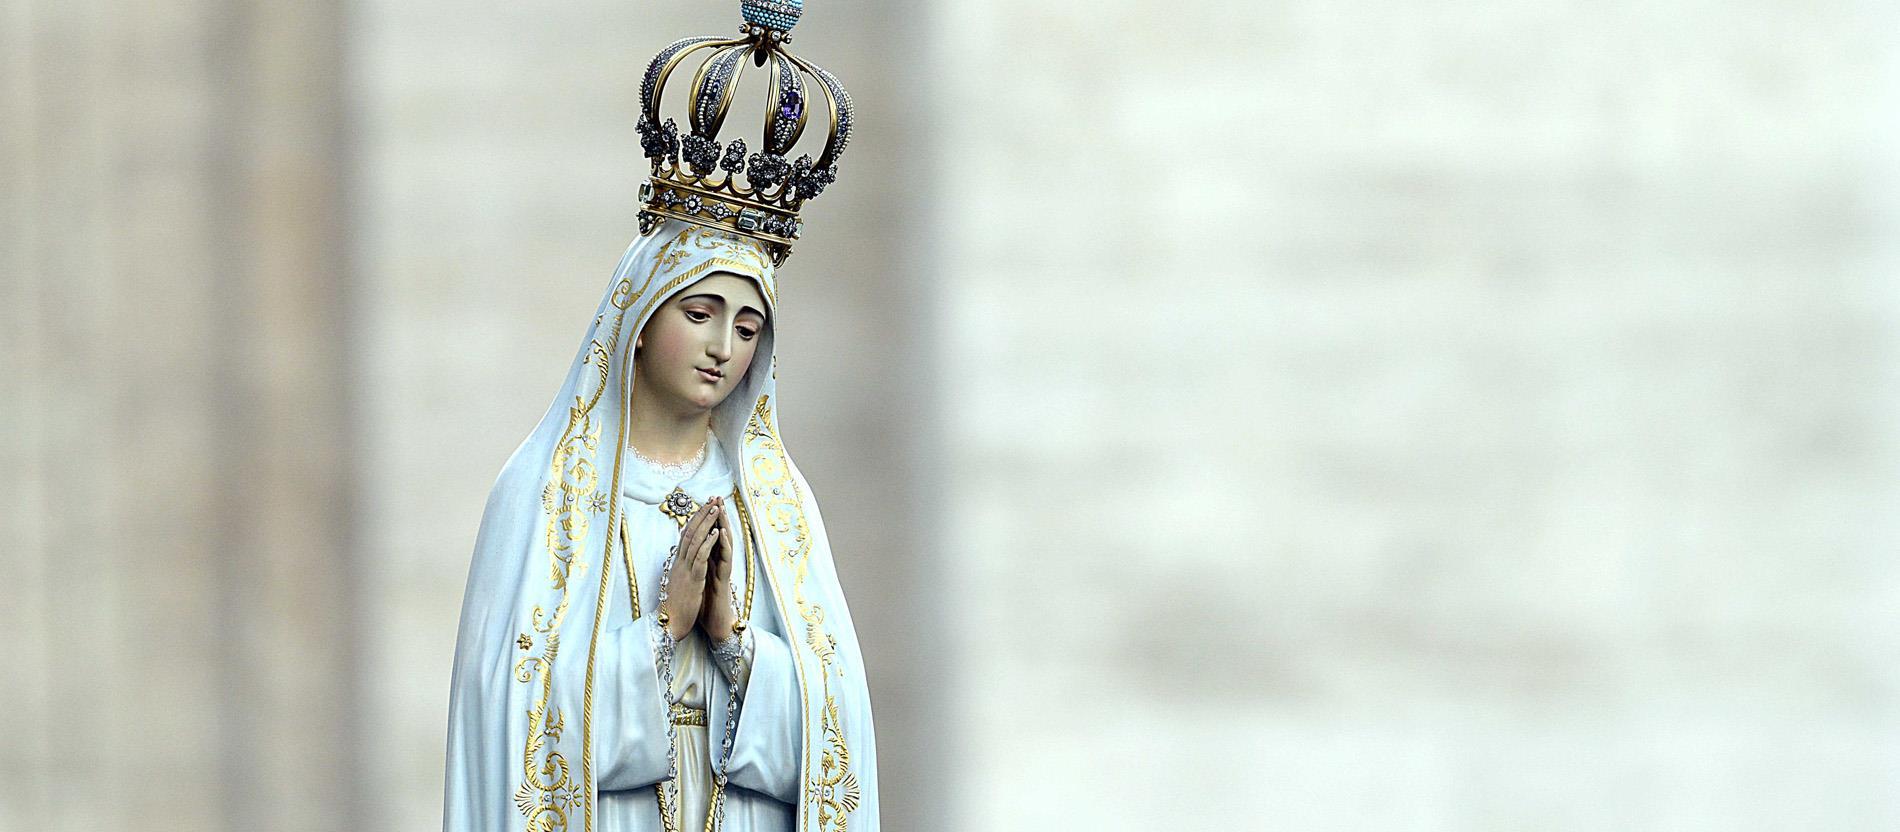 Statue der Madonna von Fatima